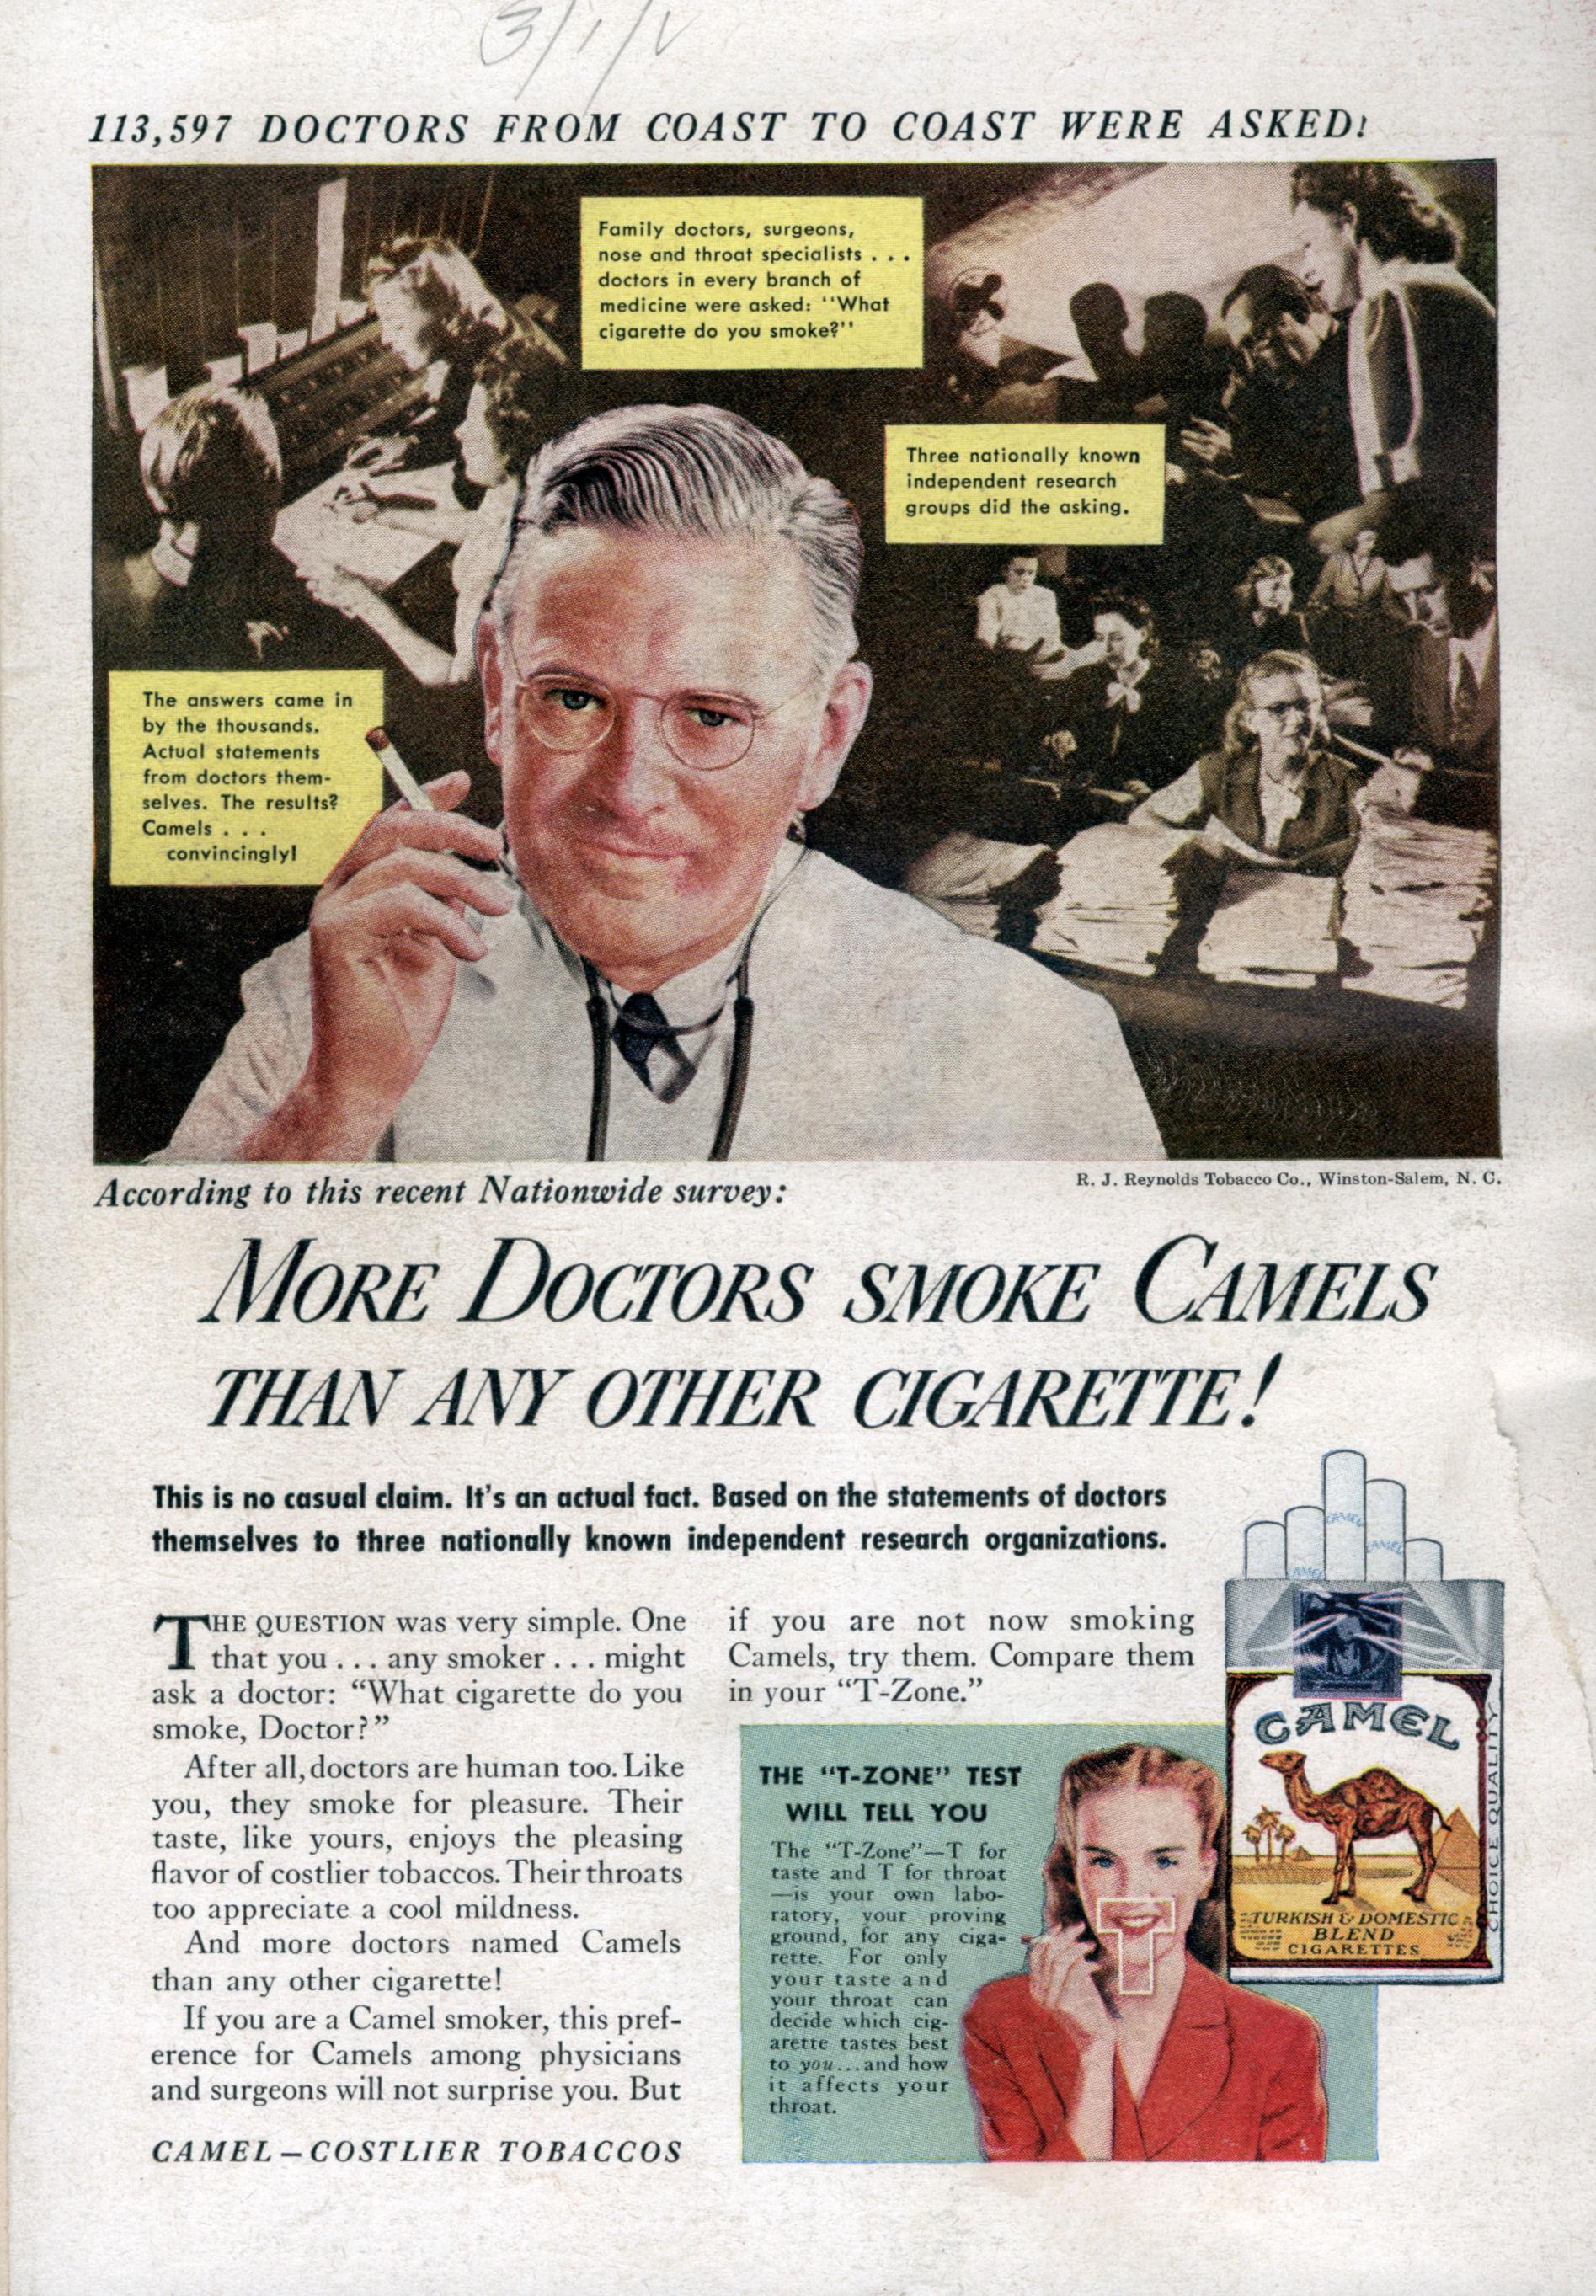 Camel advertising featuring 'expert' endorsement